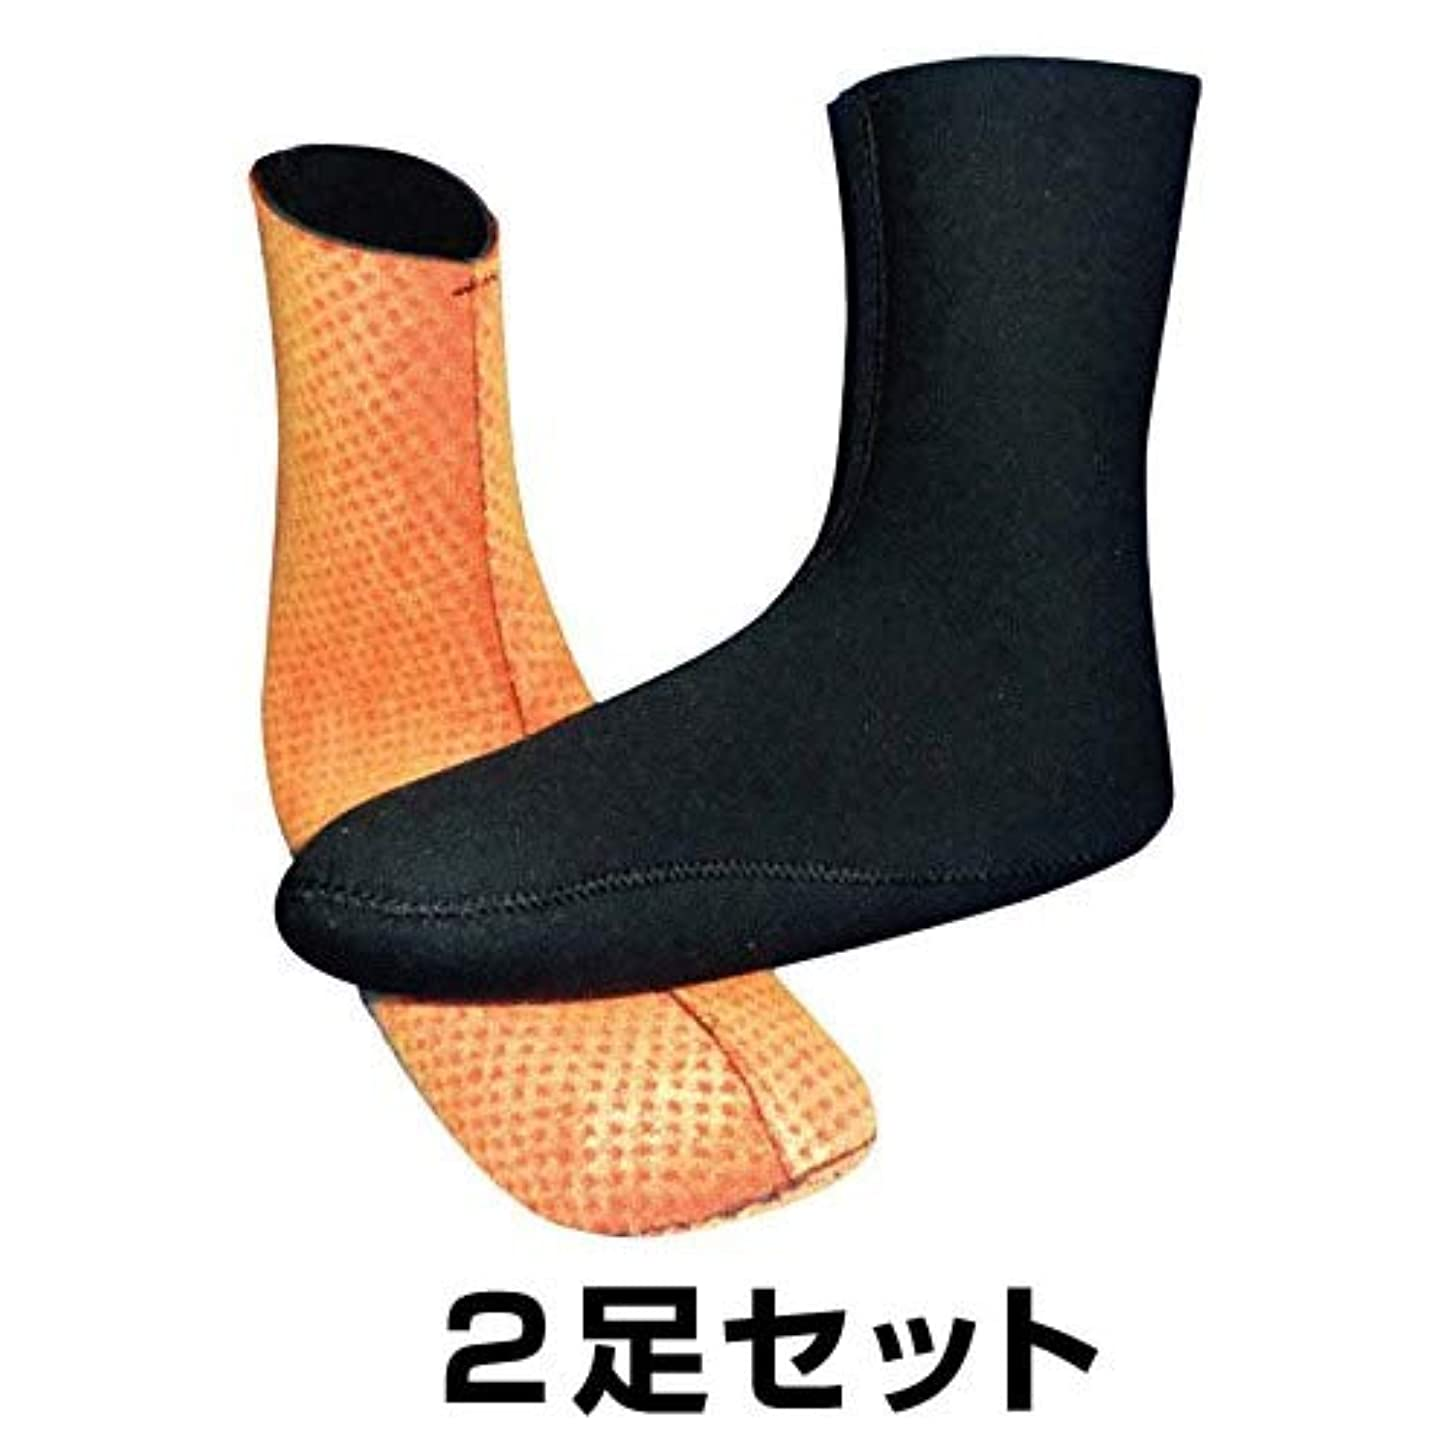 メンター嵐の通貨クロッツ あったかソックスM(25cm)【2足セット】